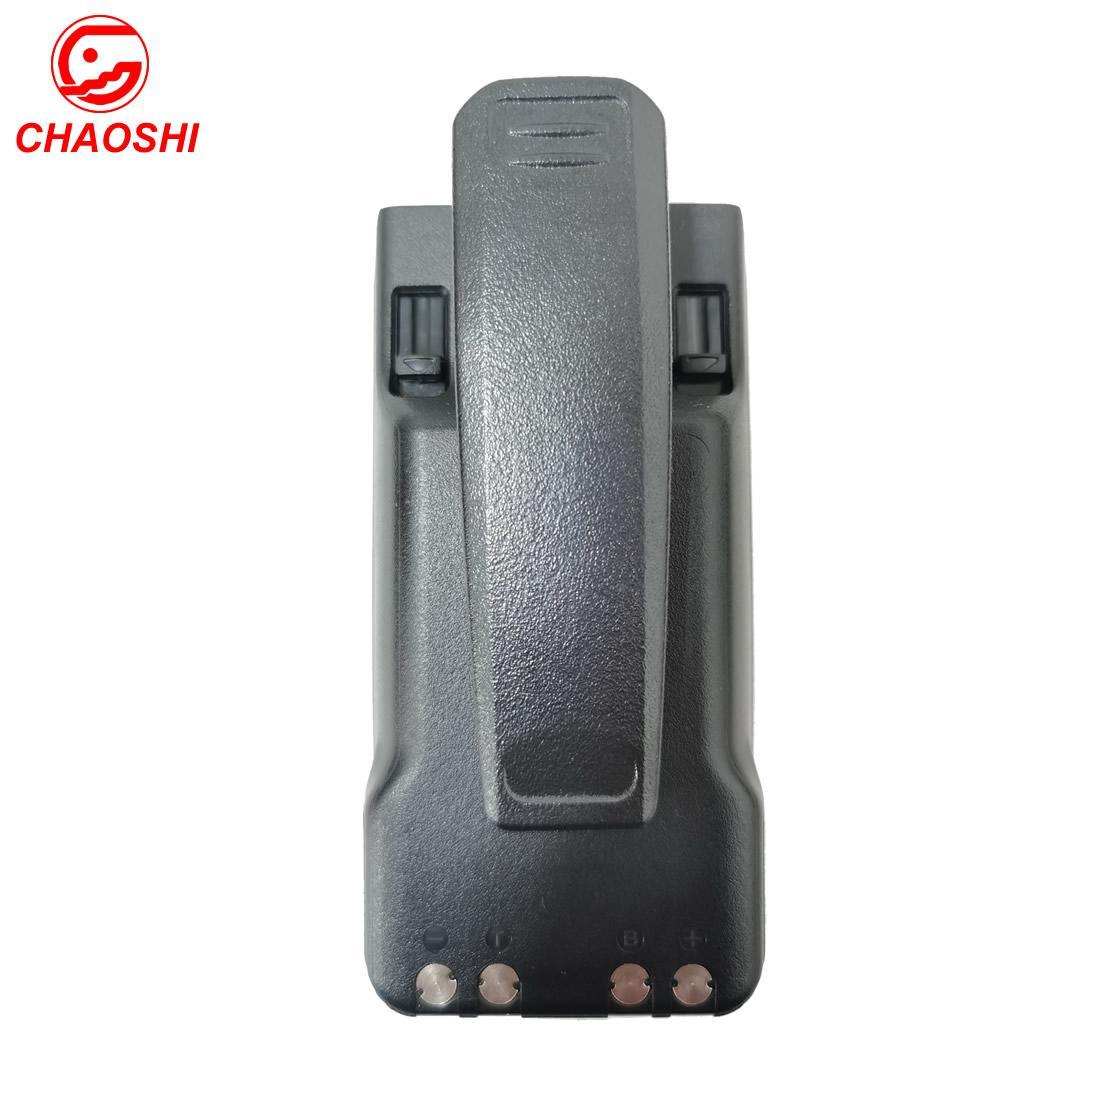 IC-V88對講機電池BP-280 7